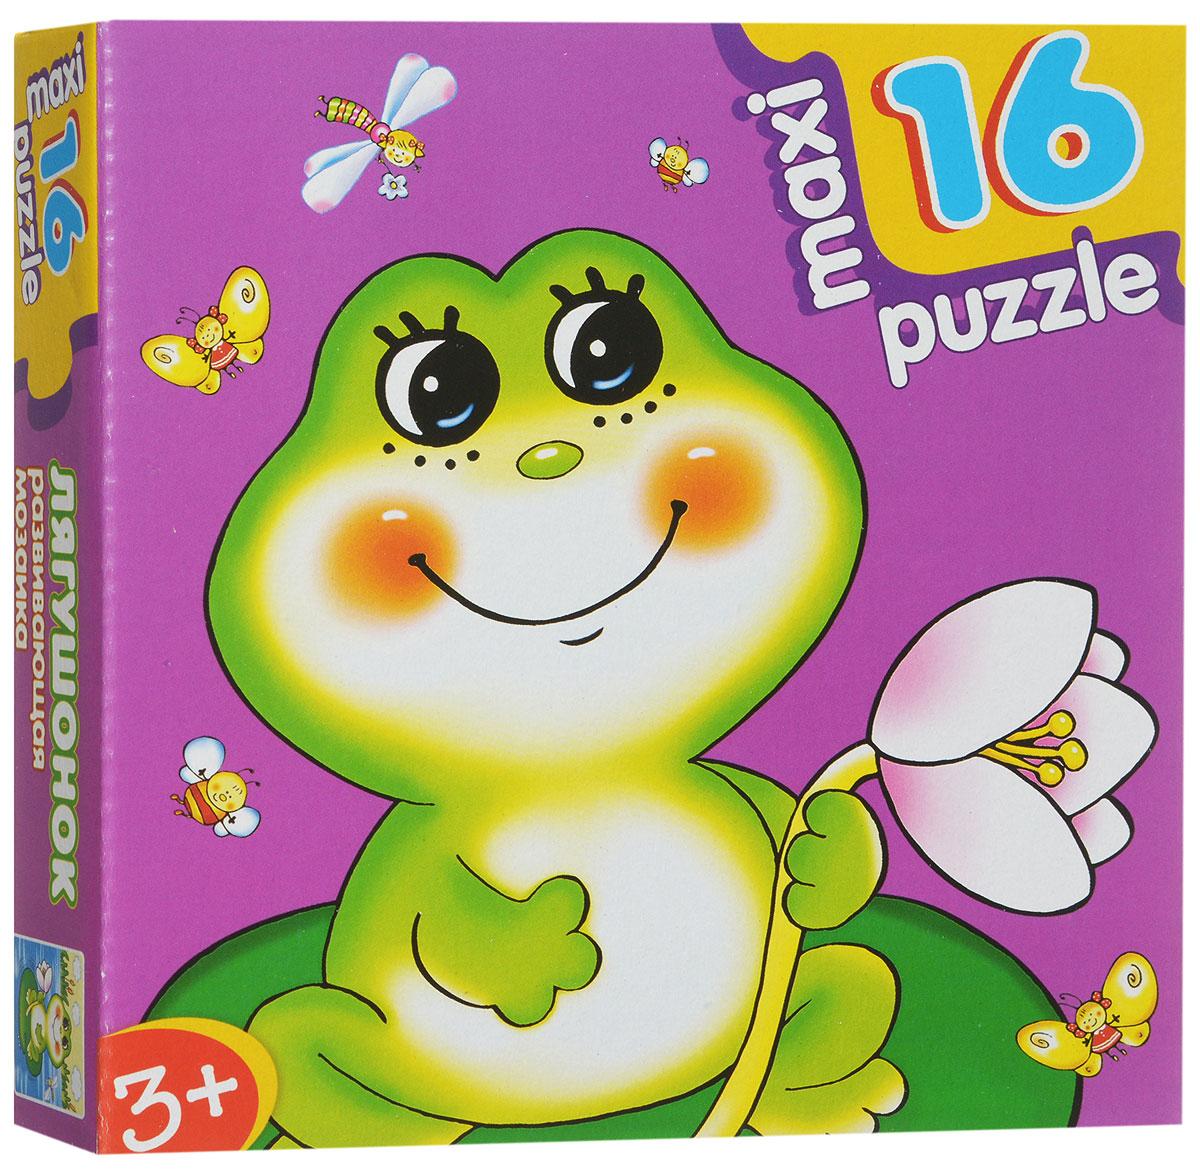 Дрофа-Медиа Пазл для малышей Лягушонок дрофа медиа пазл для малышей играй и собирай 4 в 1 2944